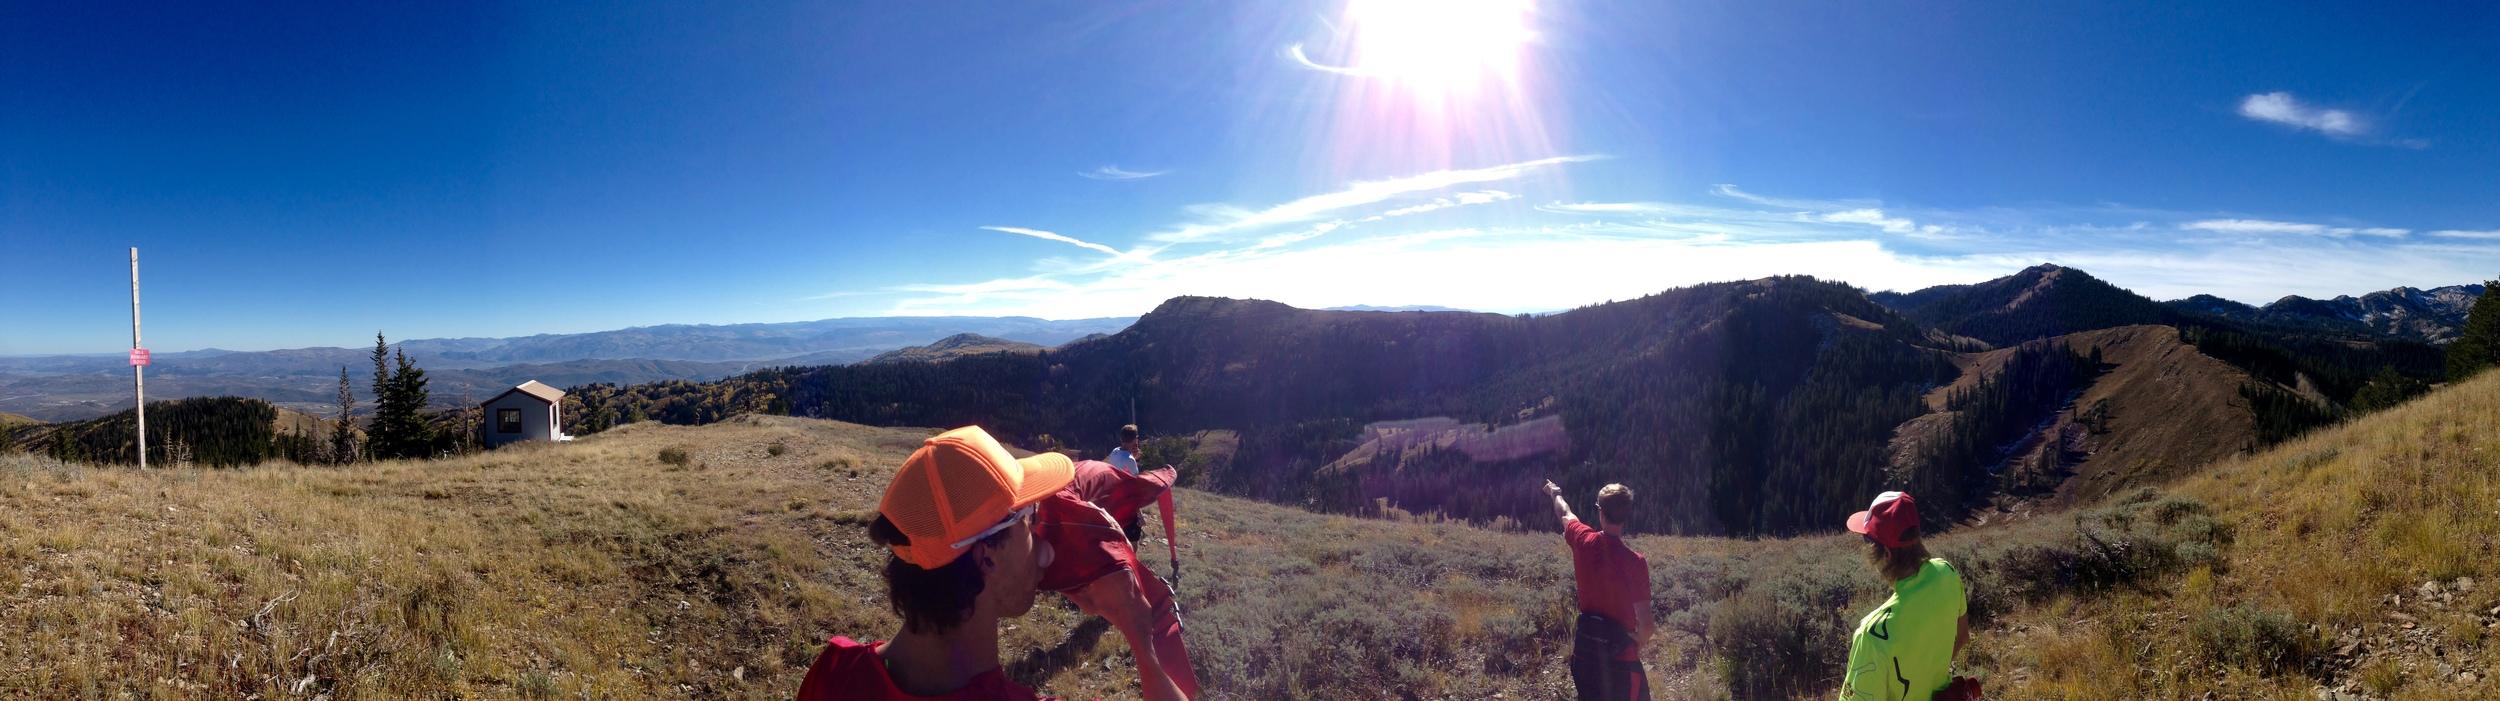 Summit Pano.